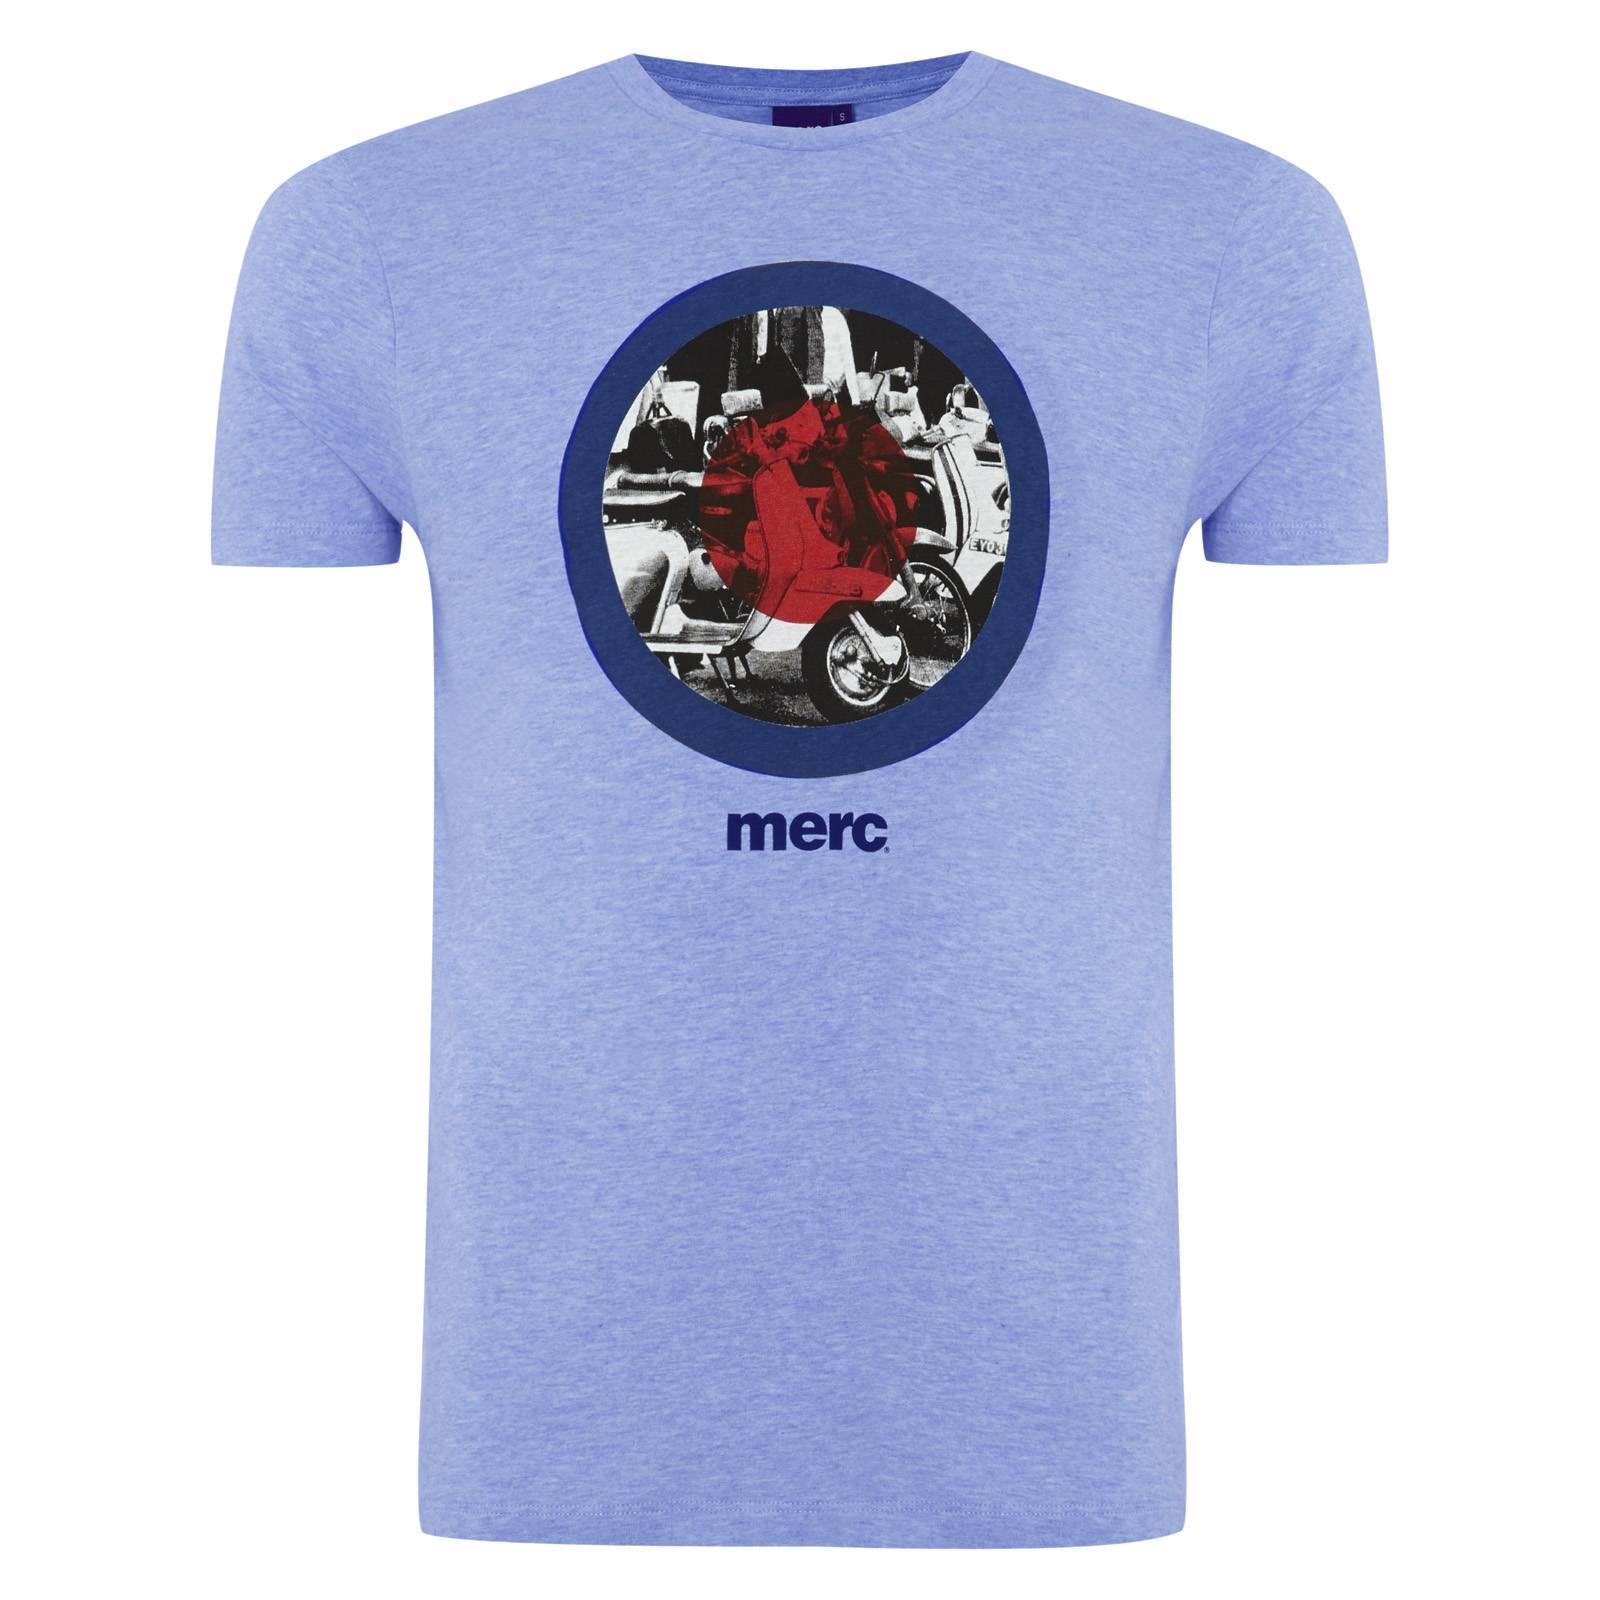 Футболка GranvilleCORE<br>Базовая, приталенная футболка с модовской символикой &amp;amp;quot;таргет&amp;amp;quot; и черно-белым изображением скутеров внутри мишени - яркий, заметный предмет гардероба в сочетании с олимпийкой и классическими кроссовками.&amp;lt;br /&amp;gt;<br>&amp;lt;br /&amp;gt;<br>Небольшой логотип Merc под принтом служит брендовой идентификацией знаменитого на весь мир орнамента.<br><br>Артикул: 1713118<br>Материал: 100% хлопок<br>Цвет: голубой<br>Пол: Мужской